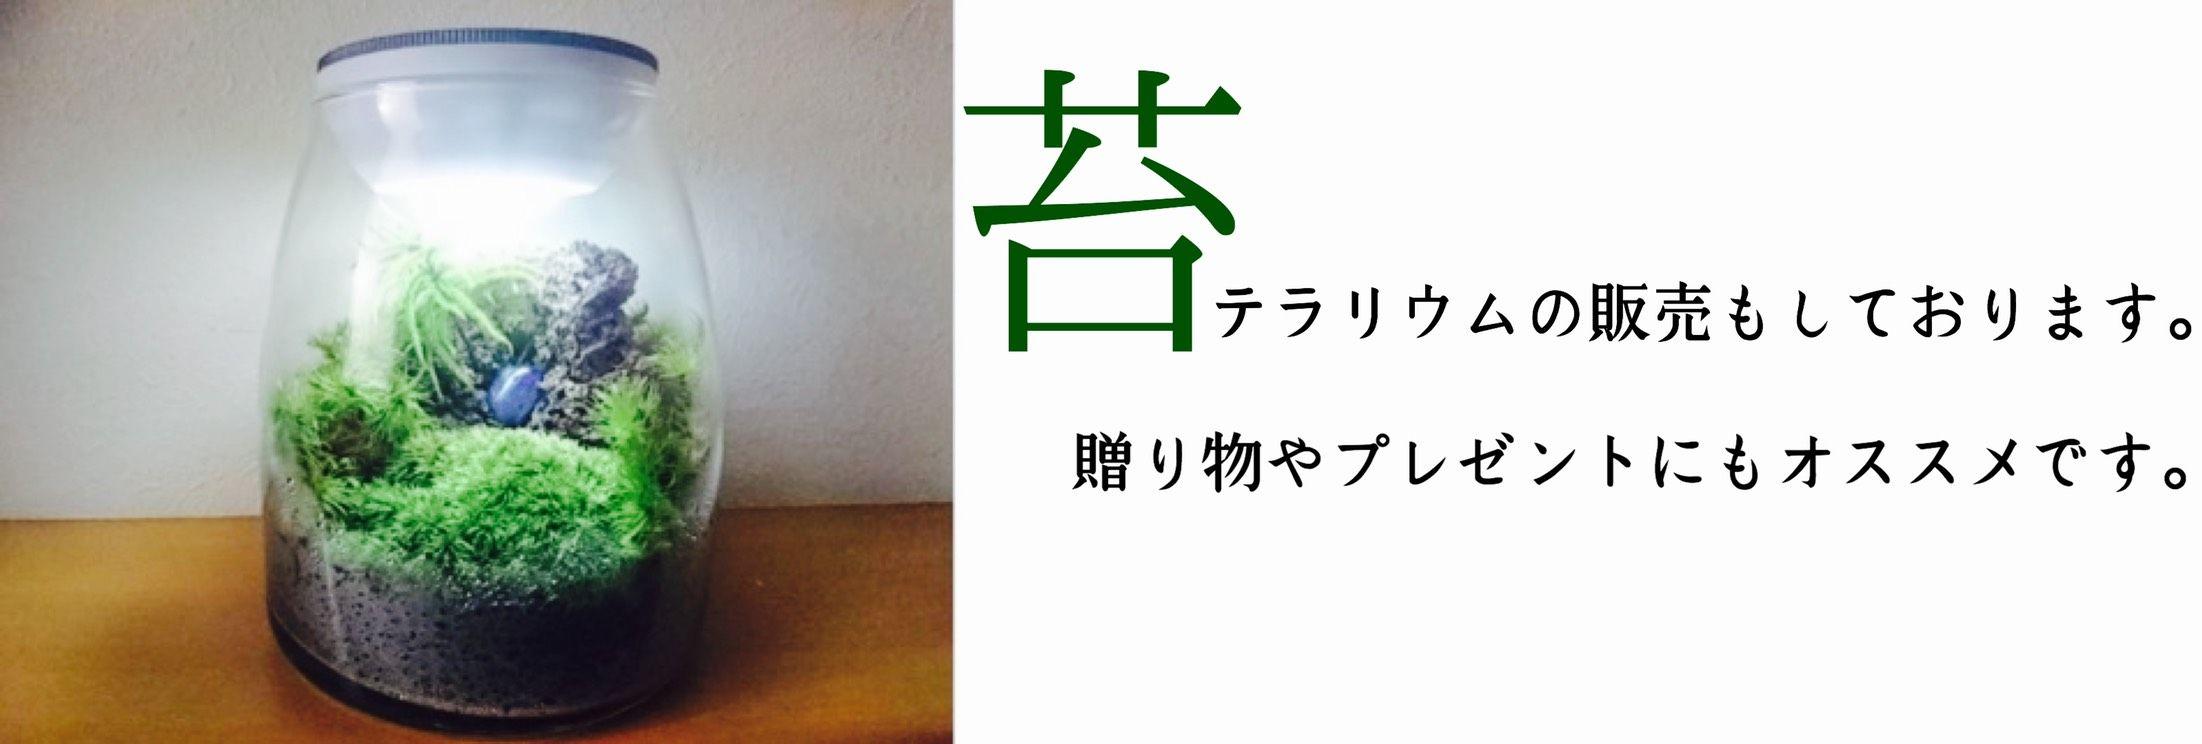 長野県松本市|サンドペインティング販売|サンドアート資格受講|苔販売|苔テラリウム|ビスマス結晶|クラフト作品|リアリゼーション